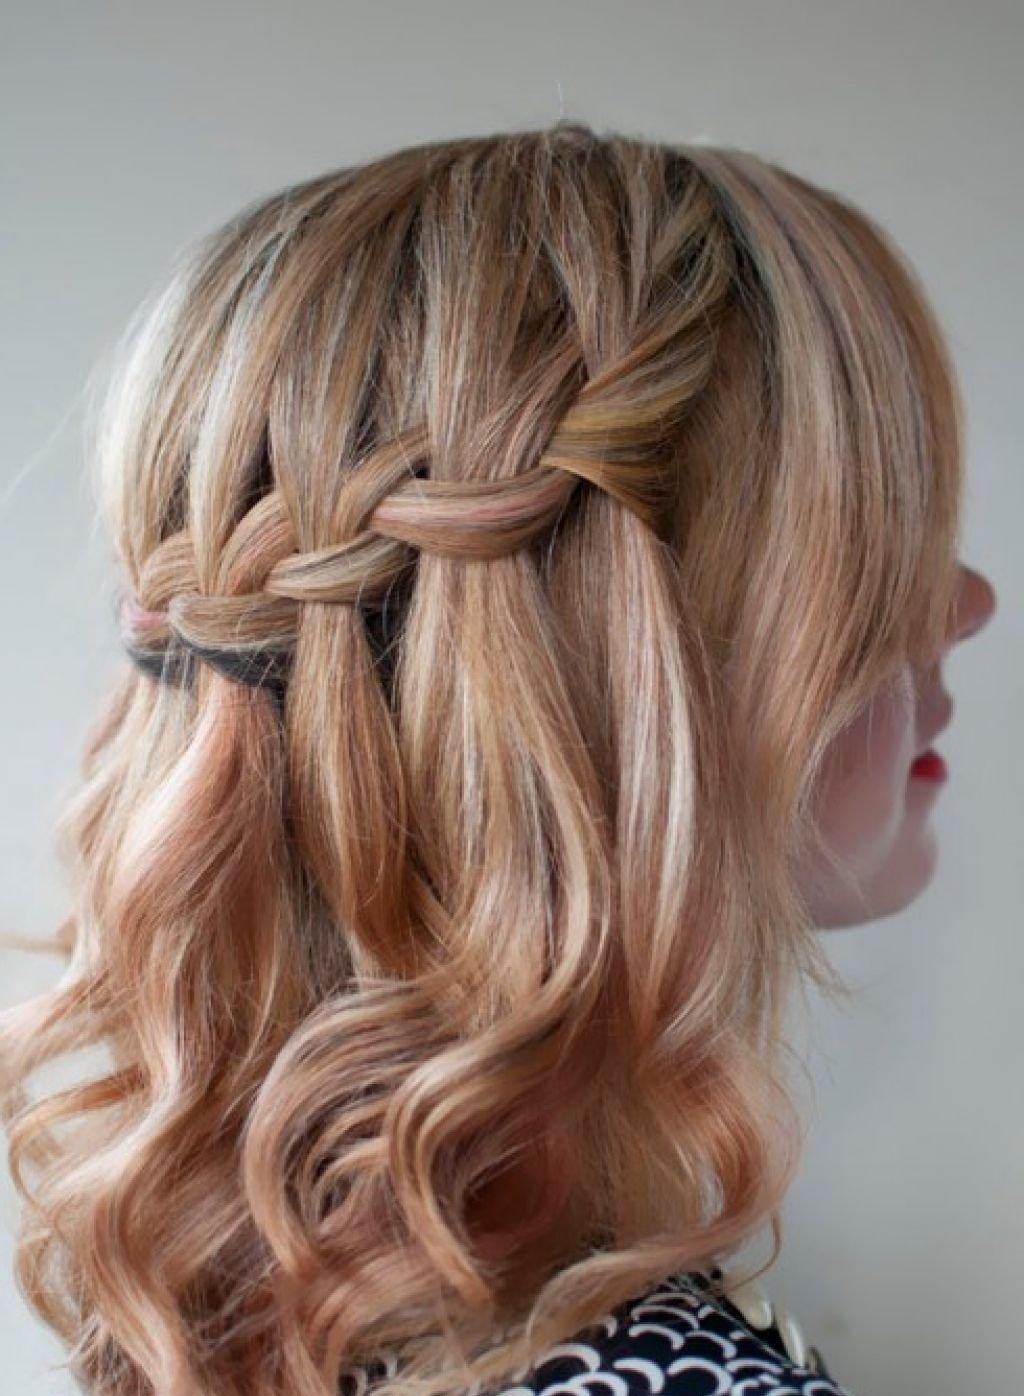 Причёска на короткие волосы в виде «водопада» будет хорошо смотреться и на тонких волосах.